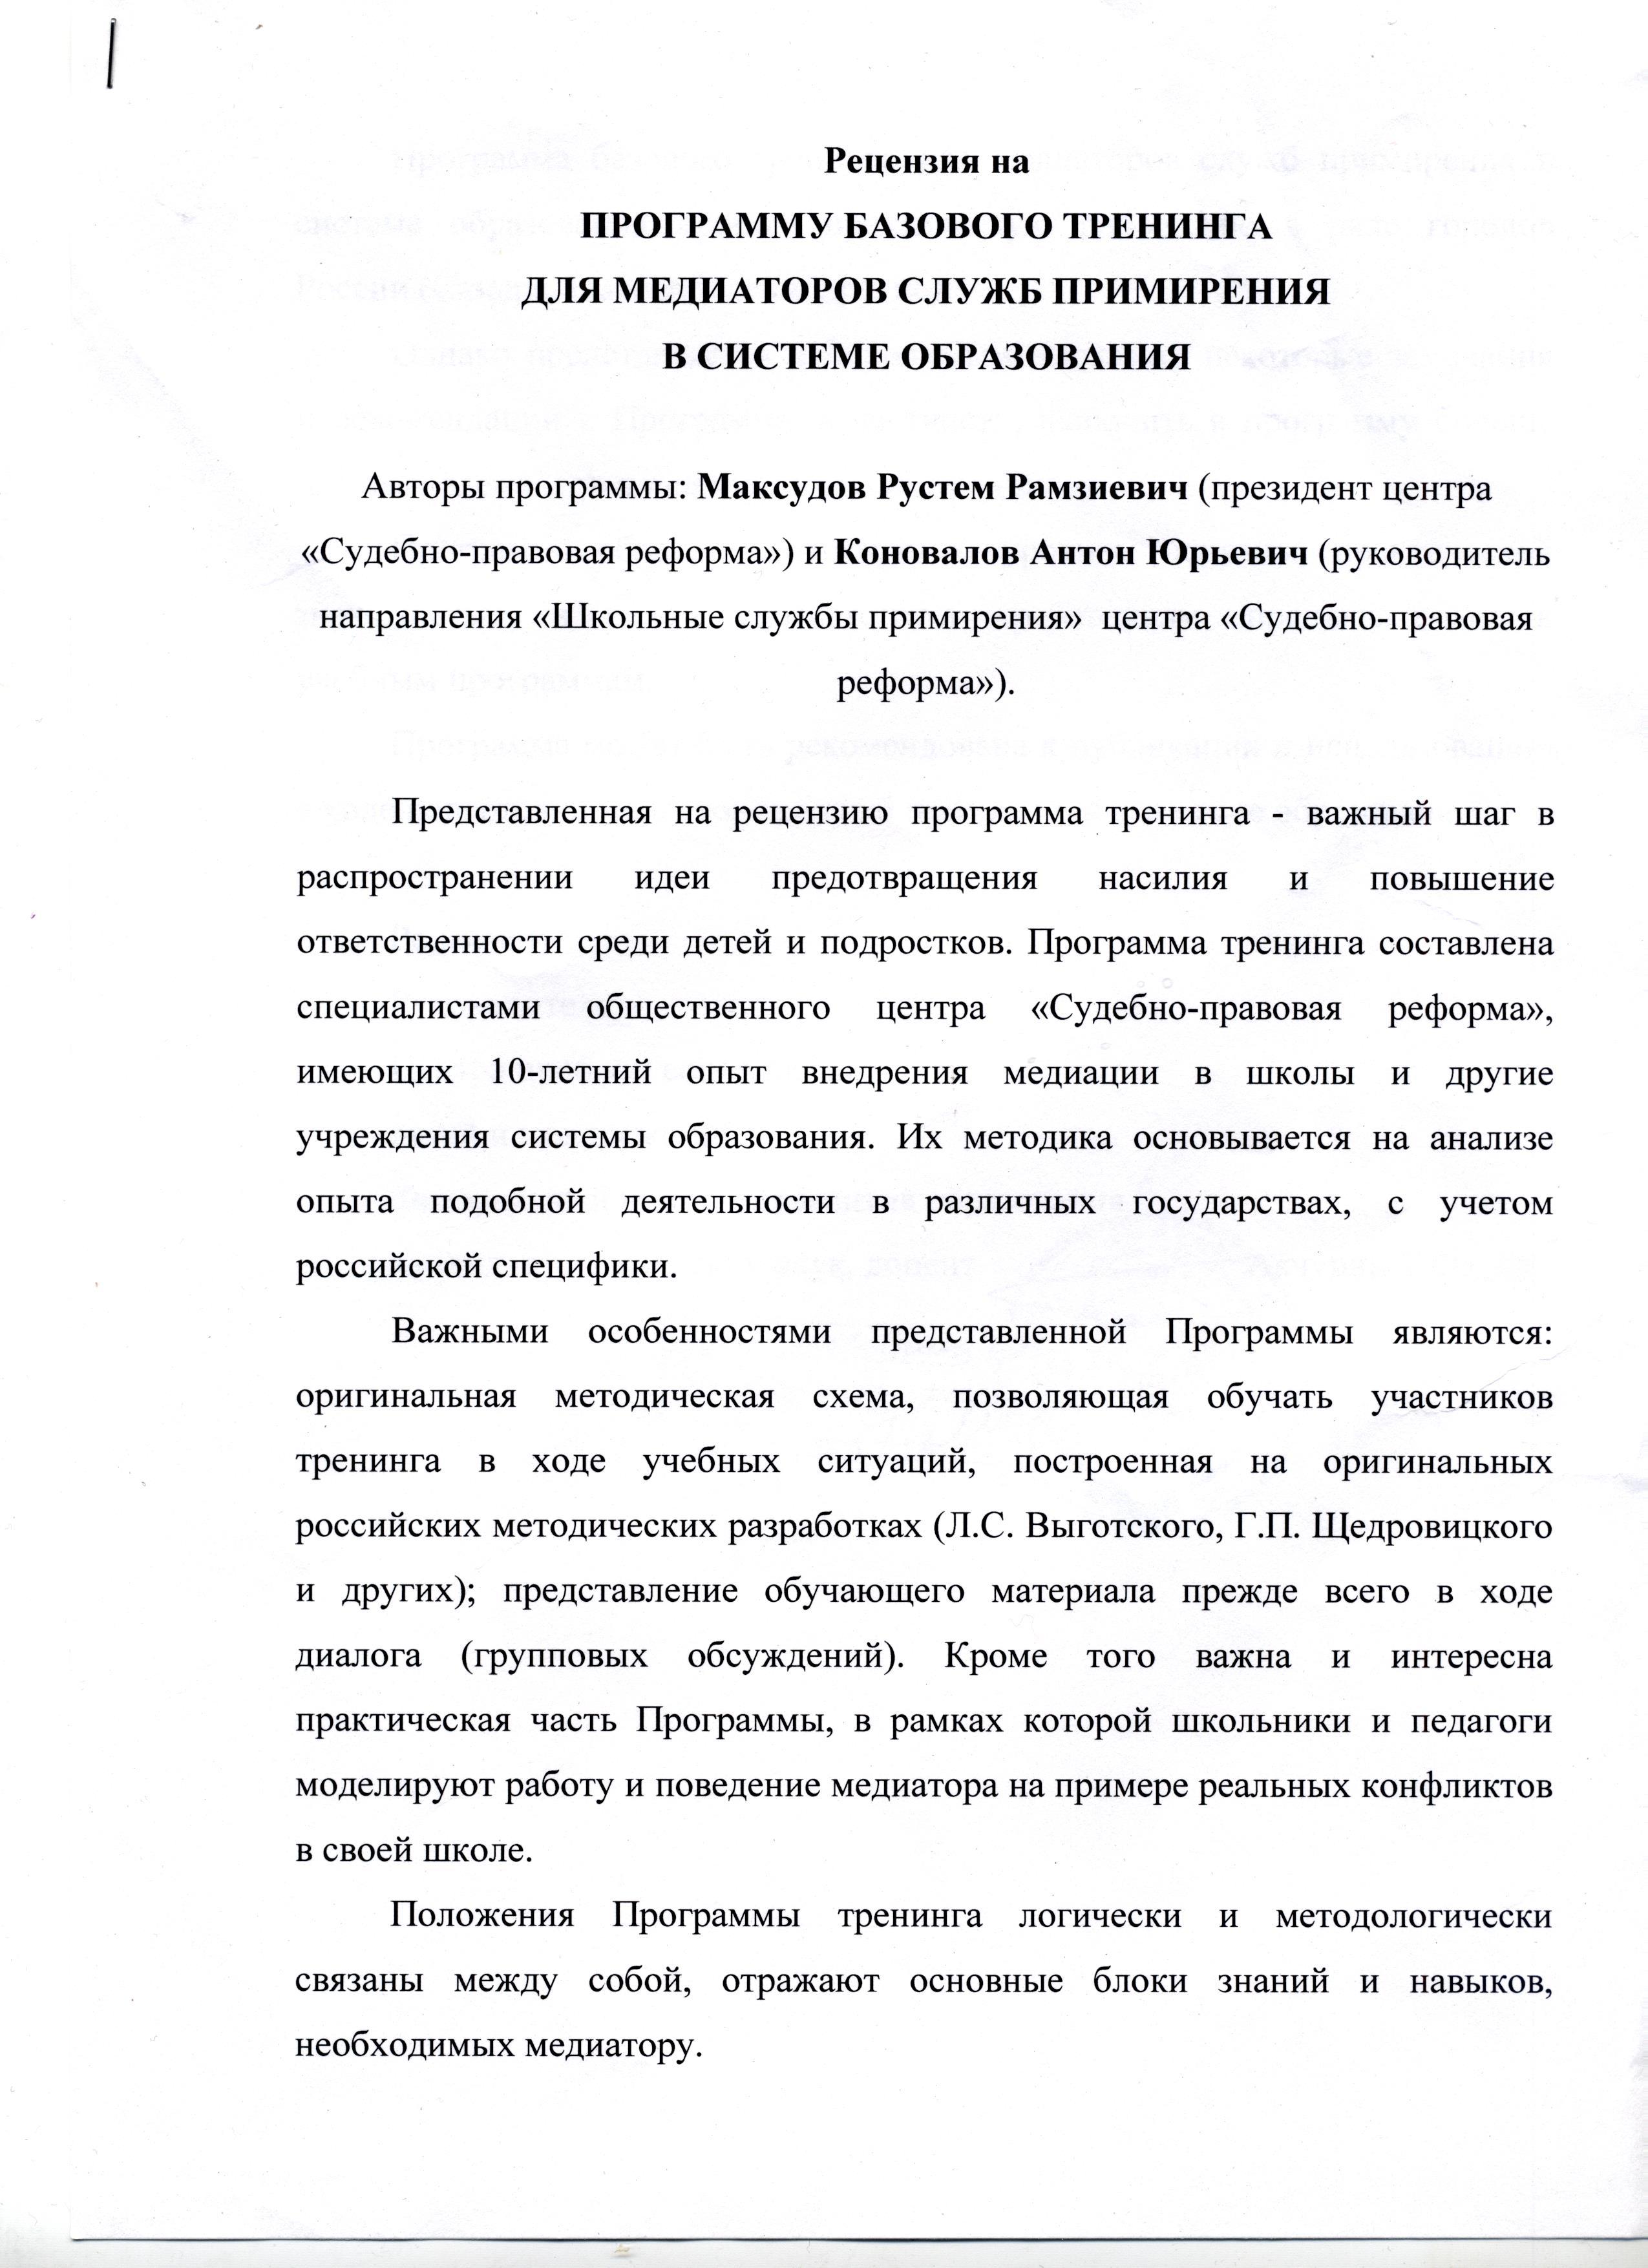 Школьные службы примирения Контакты Рецензия на программу из ФИРО 1 лист